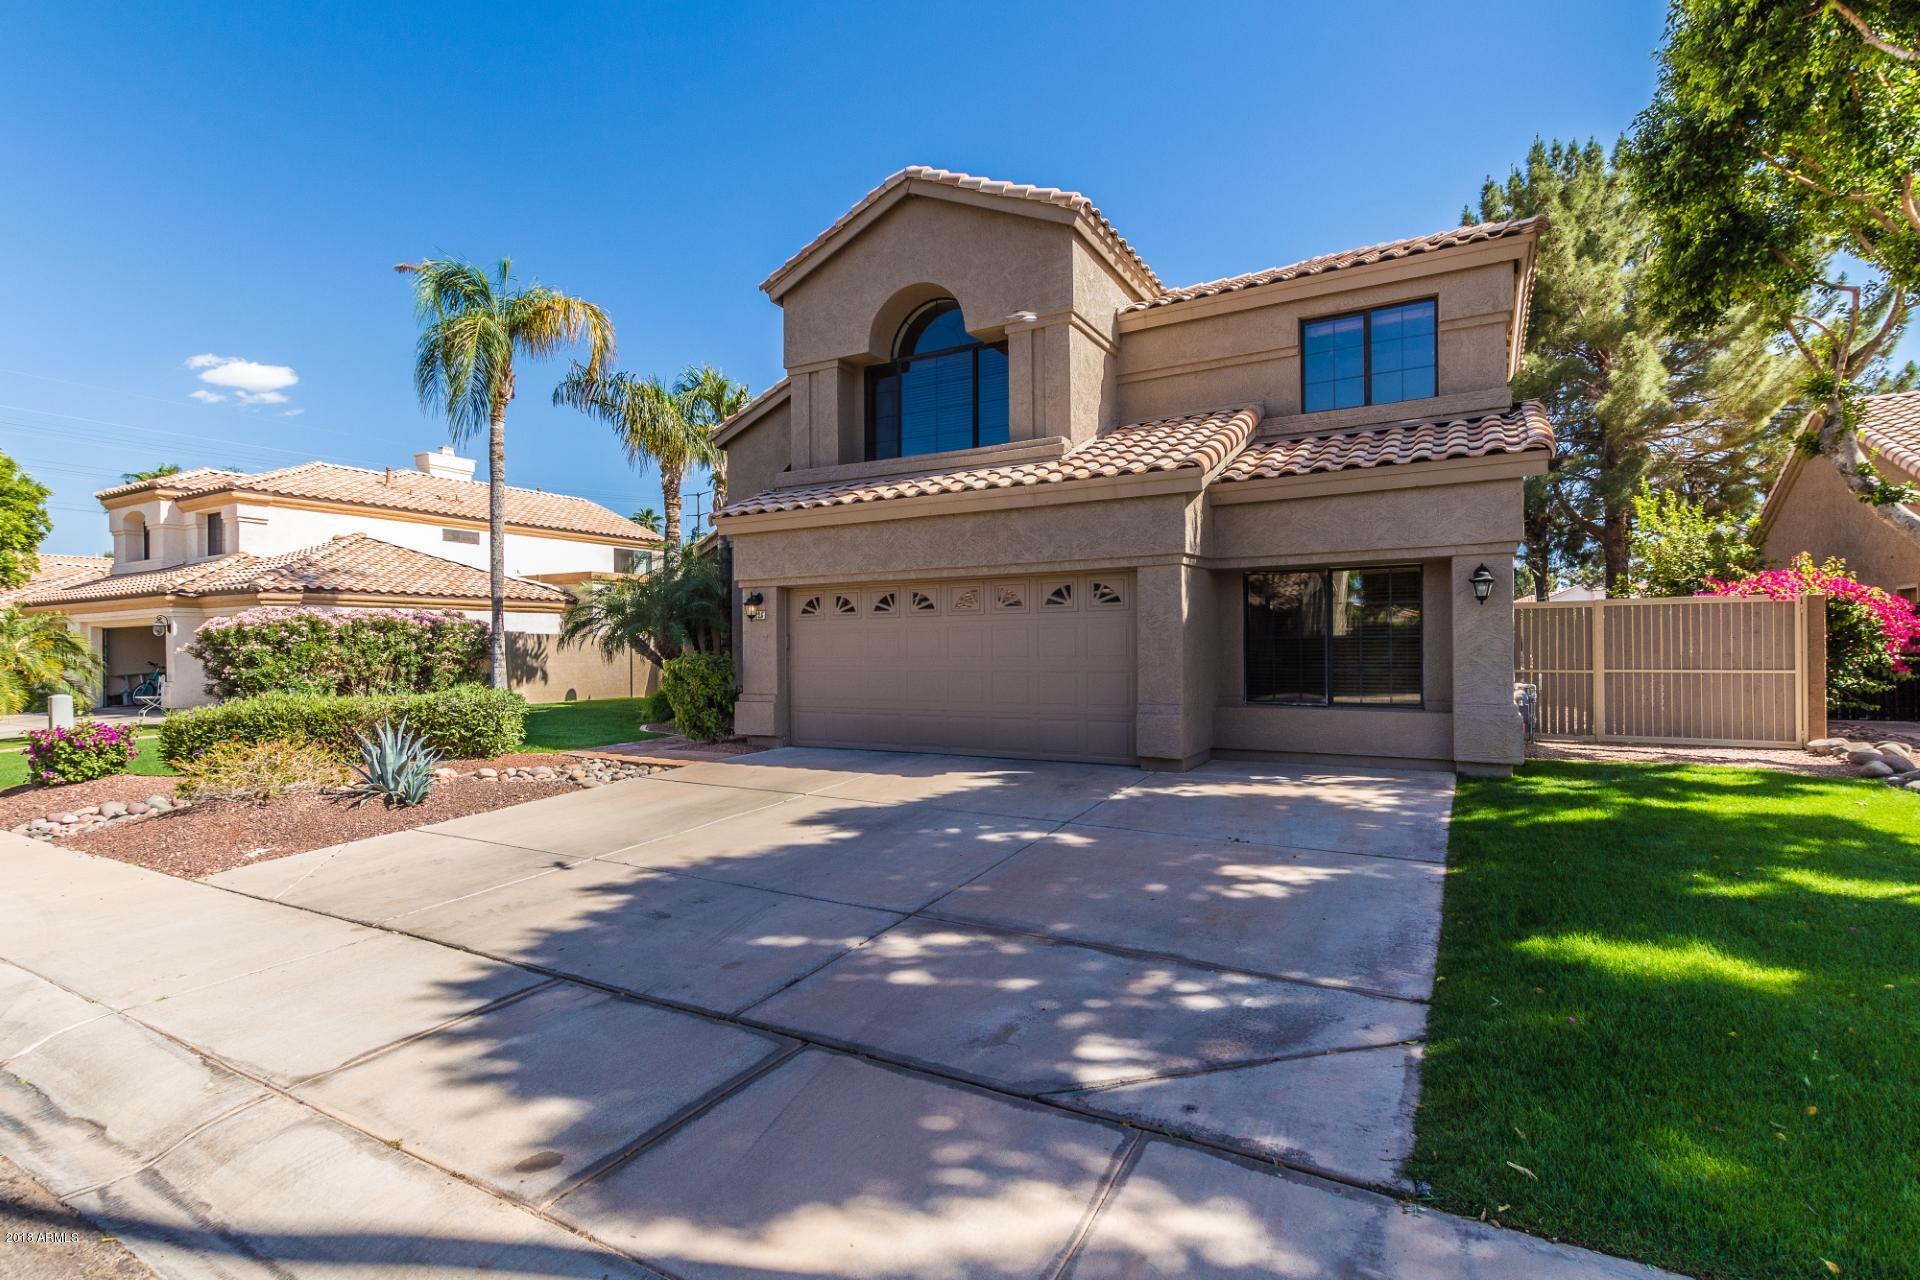 Photo of 1825 E MONARCH BAY Drive, Gilbert, AZ 85234